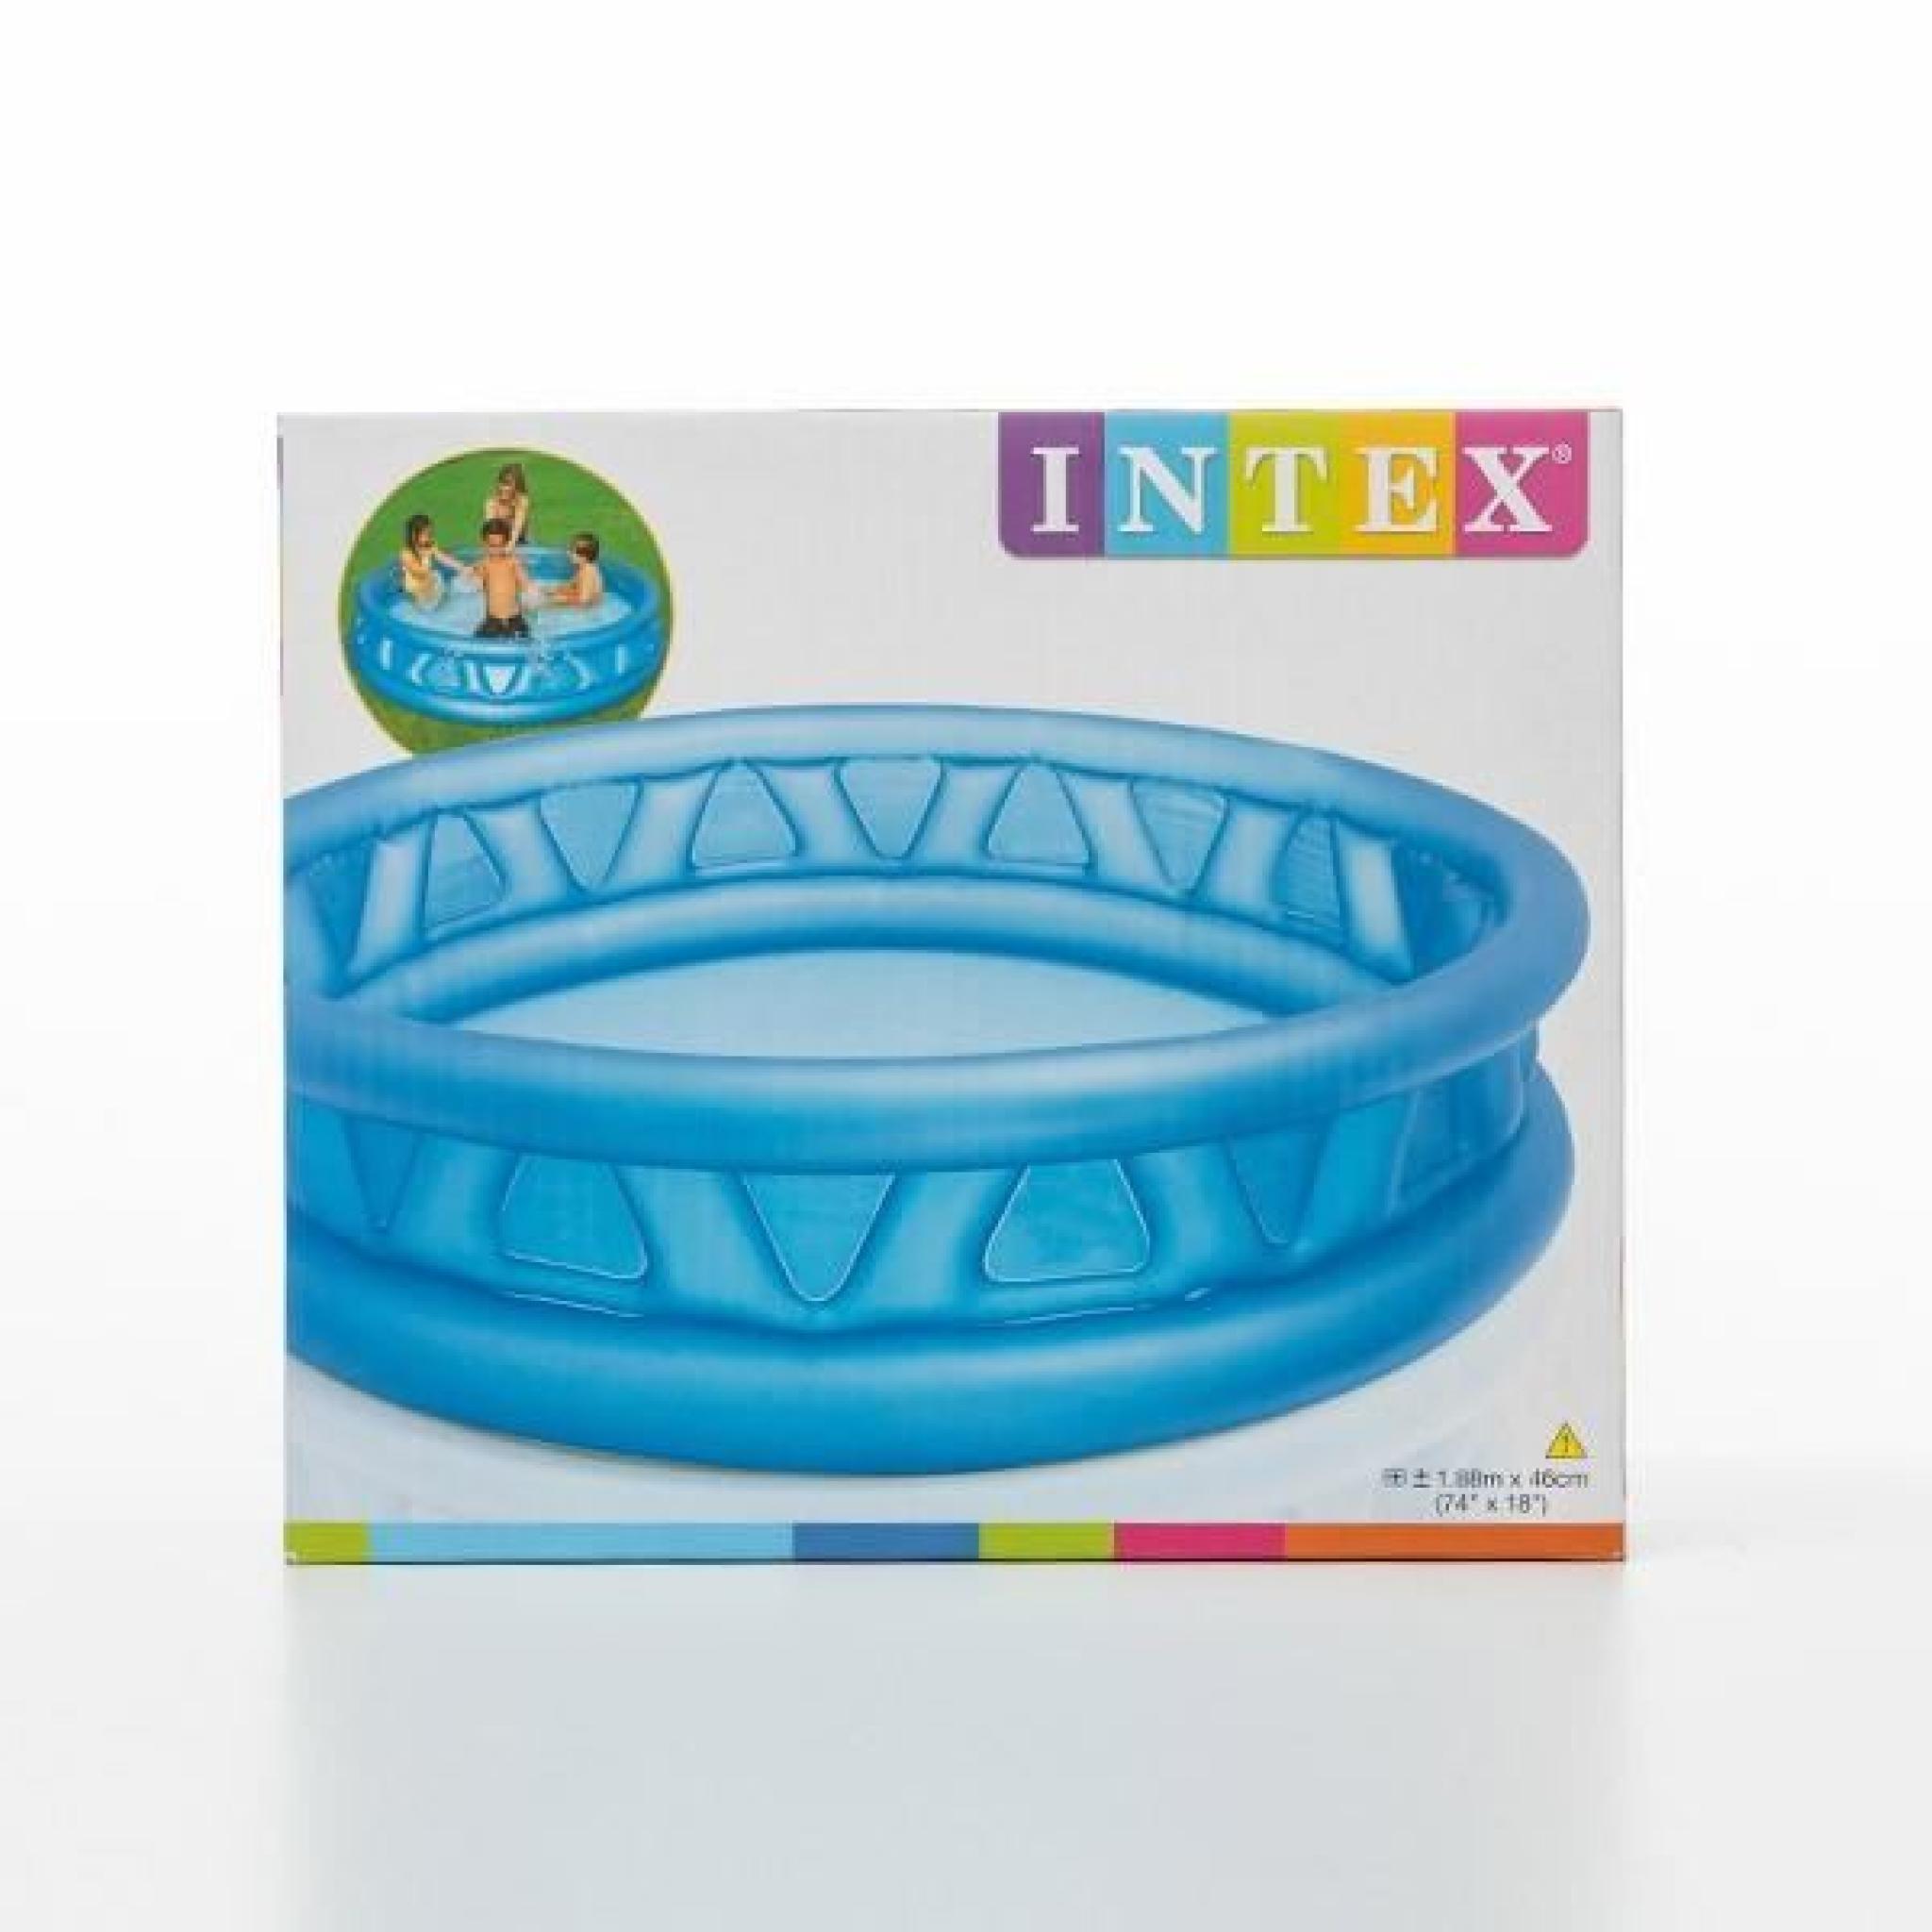 Piscine Gonflable Pour Enfants Intex (Ø 188 Cm) dedans Piscine Enfant Intex